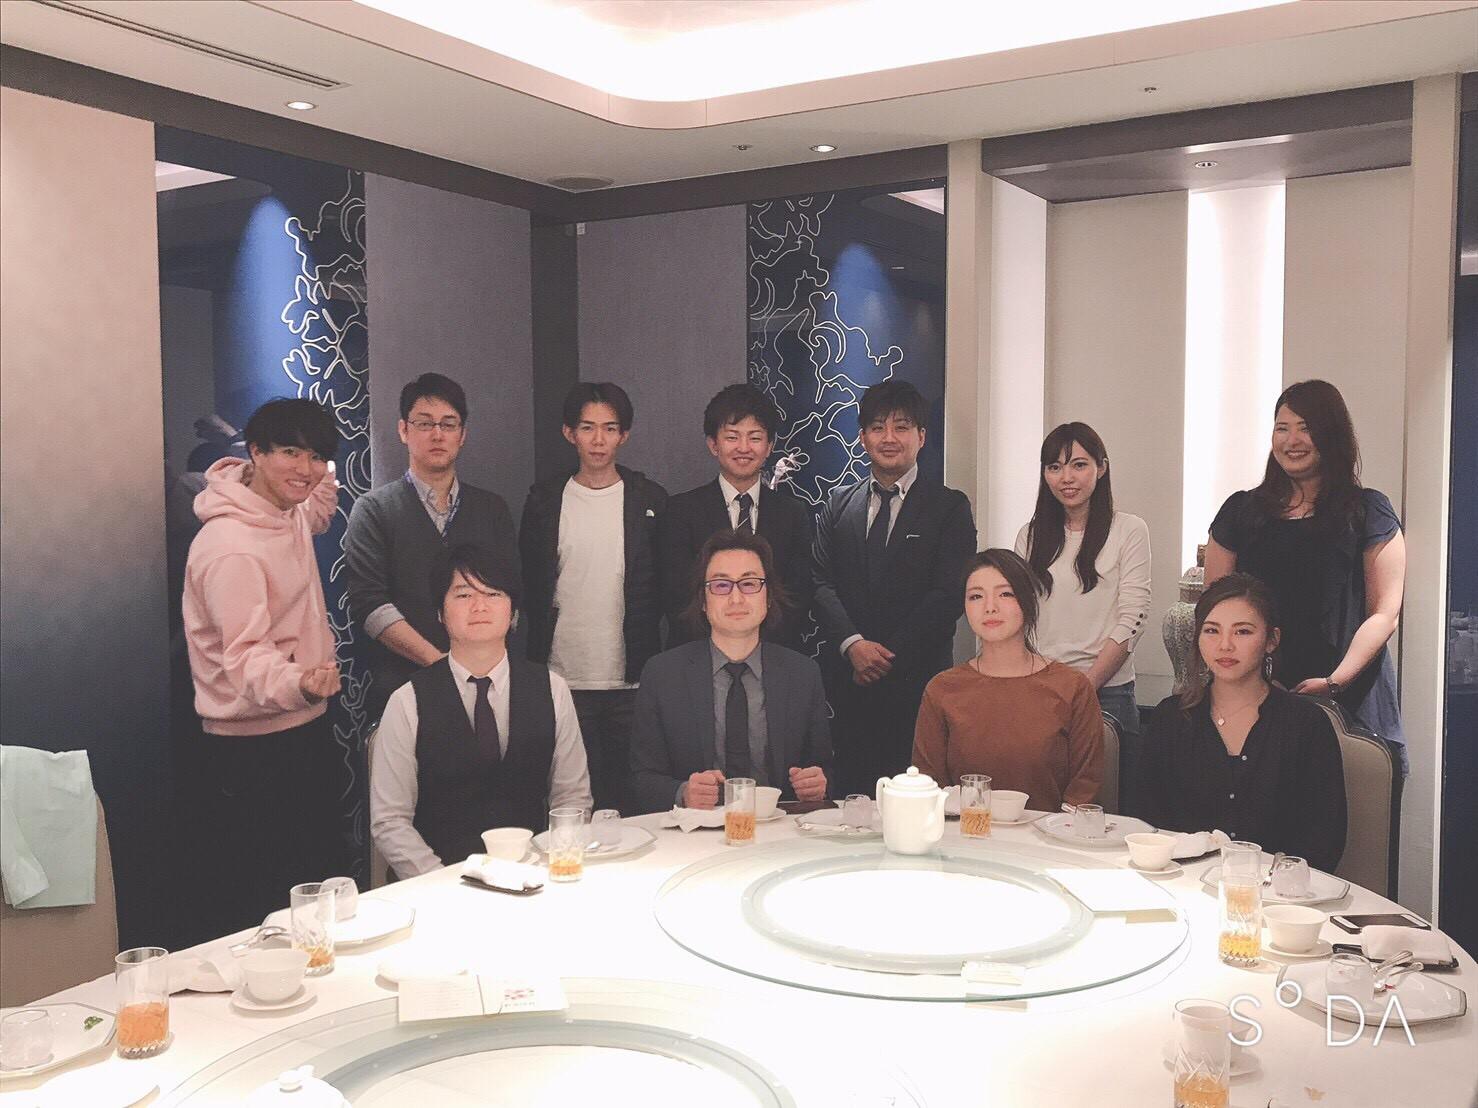 株式会社Fサポート3月度達成会 in 「激烈豪華中華料理」!!_b0191255_17062169.jpg